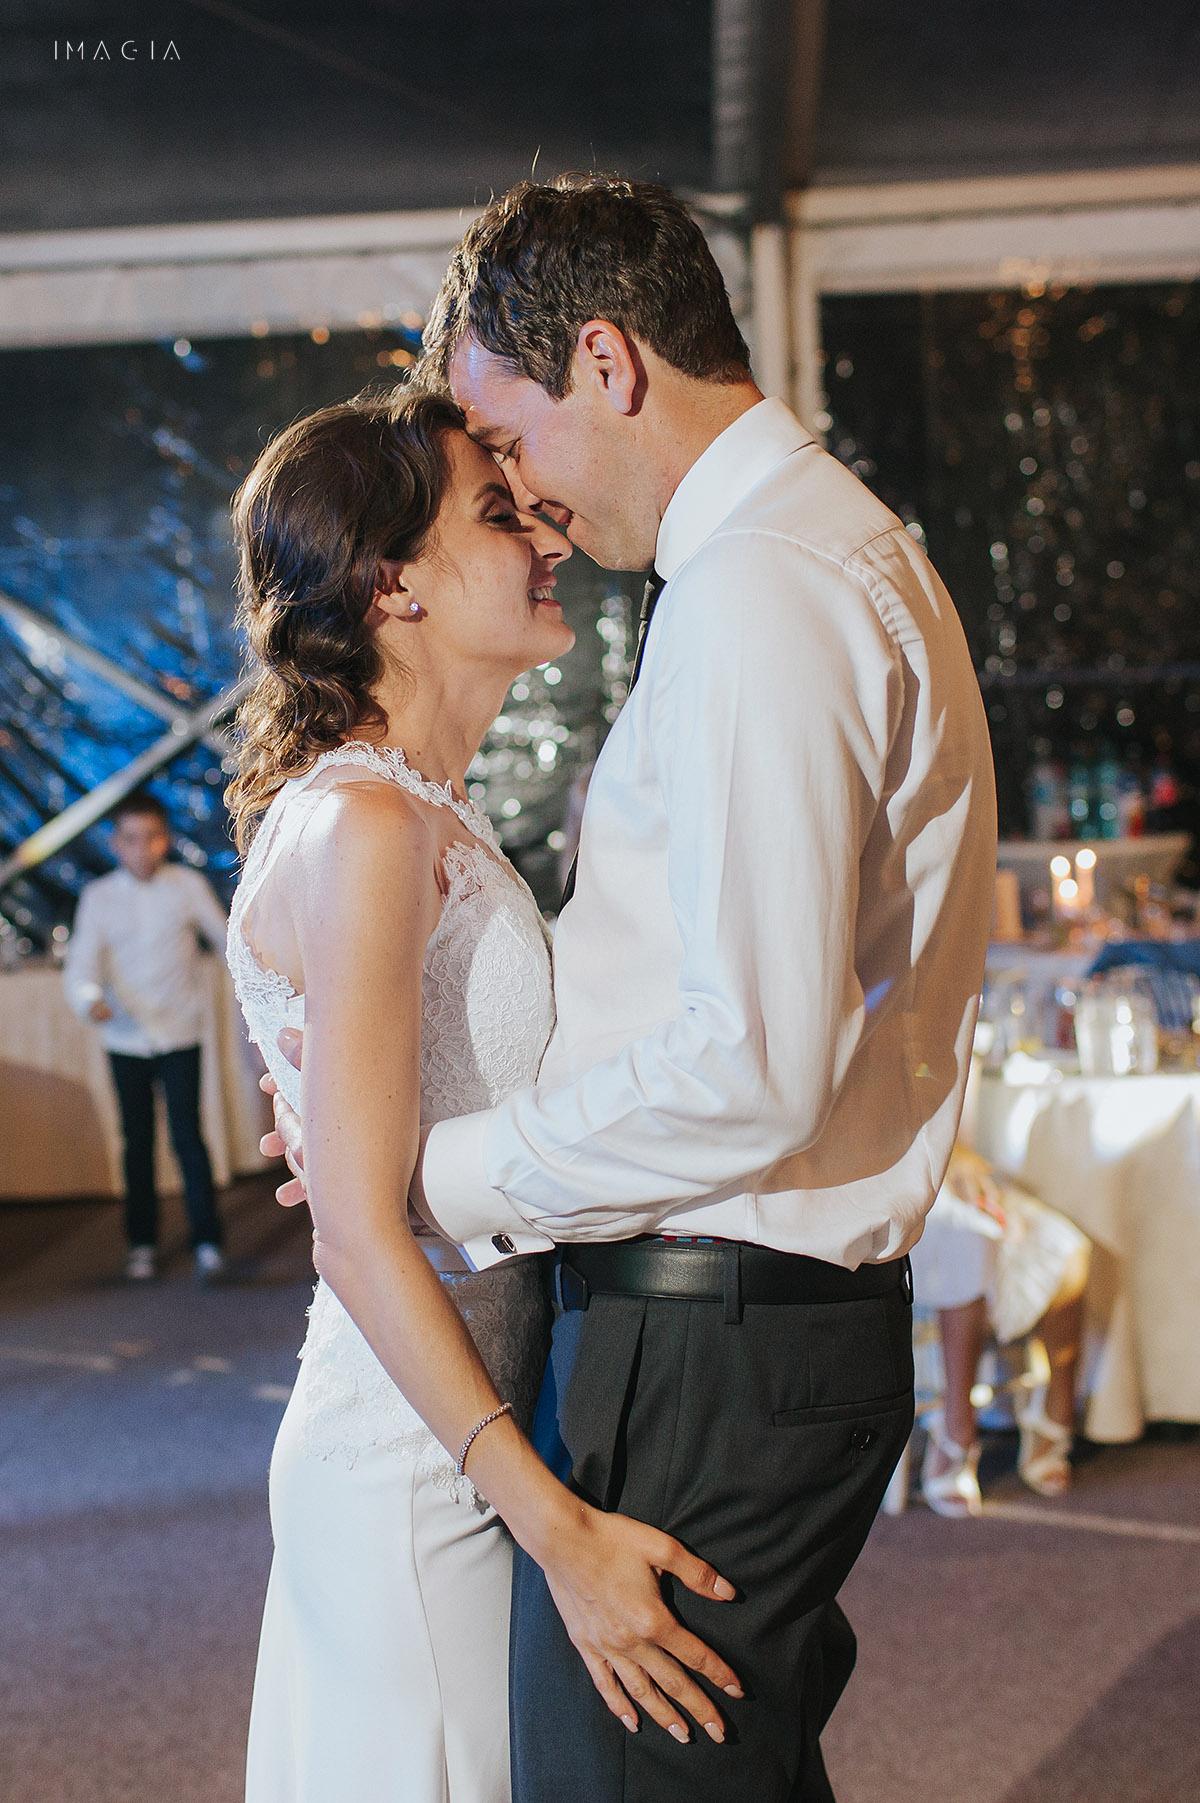 Miri dansand la o nunta in Baia Mare fotografiata de imagia.ro